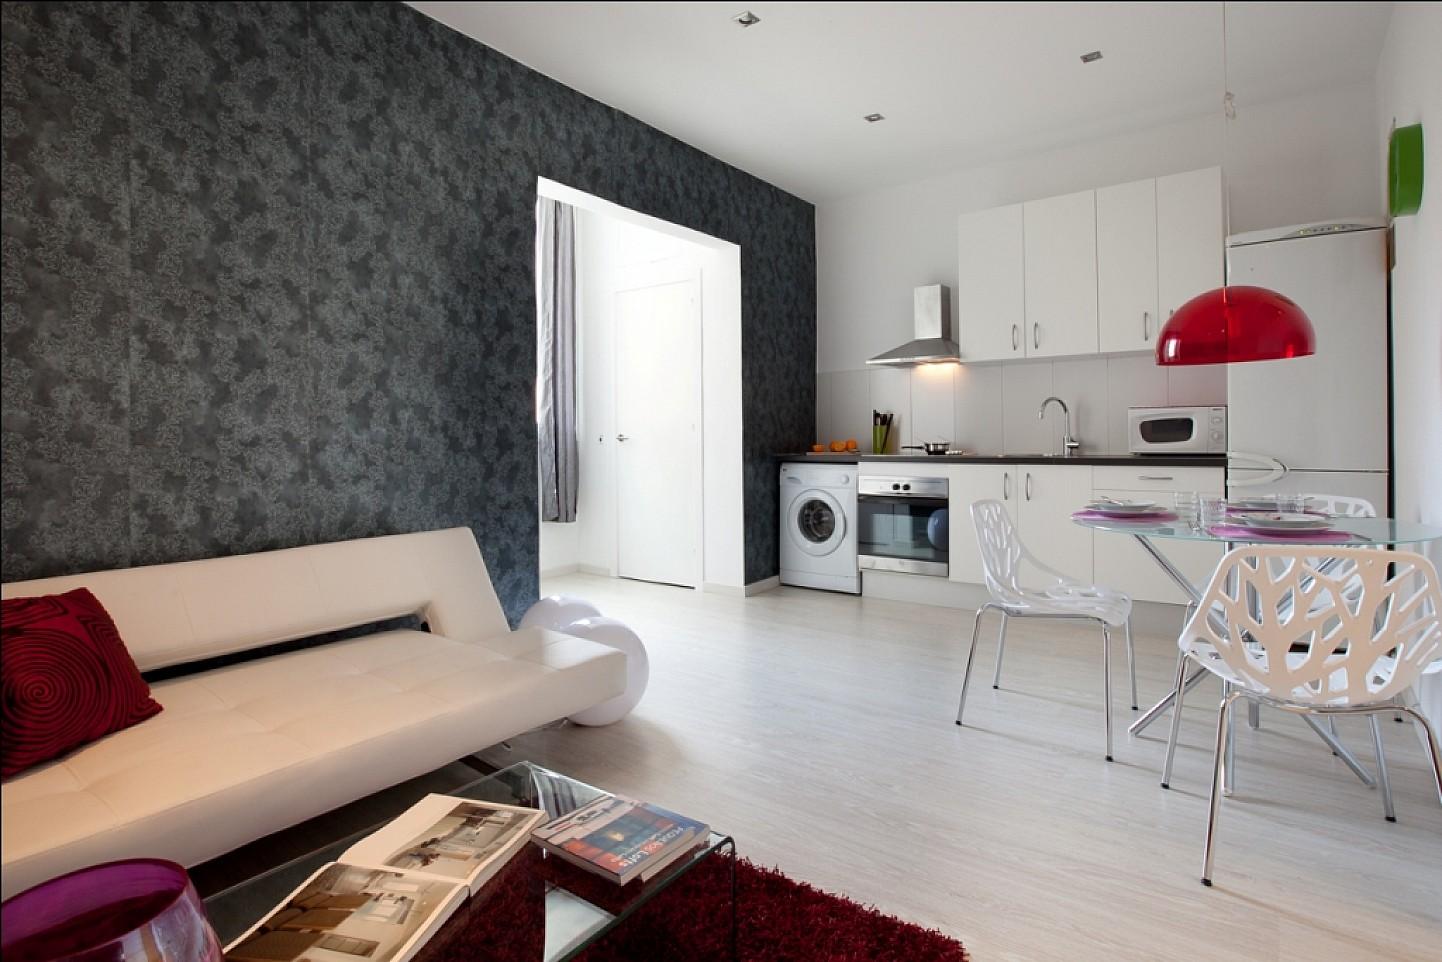 Grand salon lumineux dans un appartement en location à Barcelone